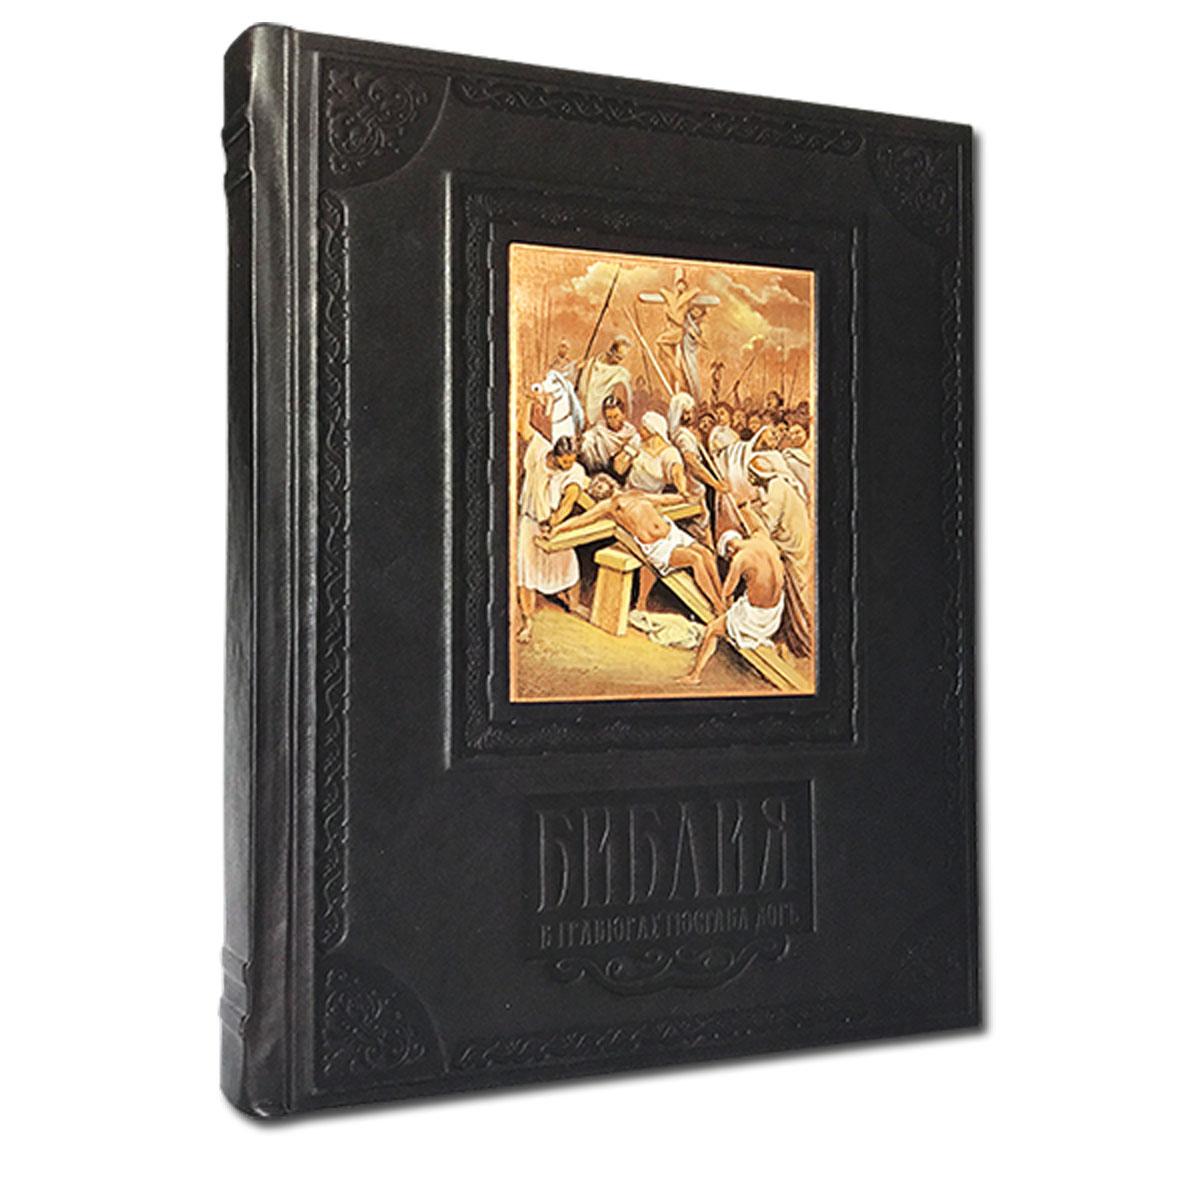 Сцены из Библии. Великие книги в гравюрах Гюстава Доре